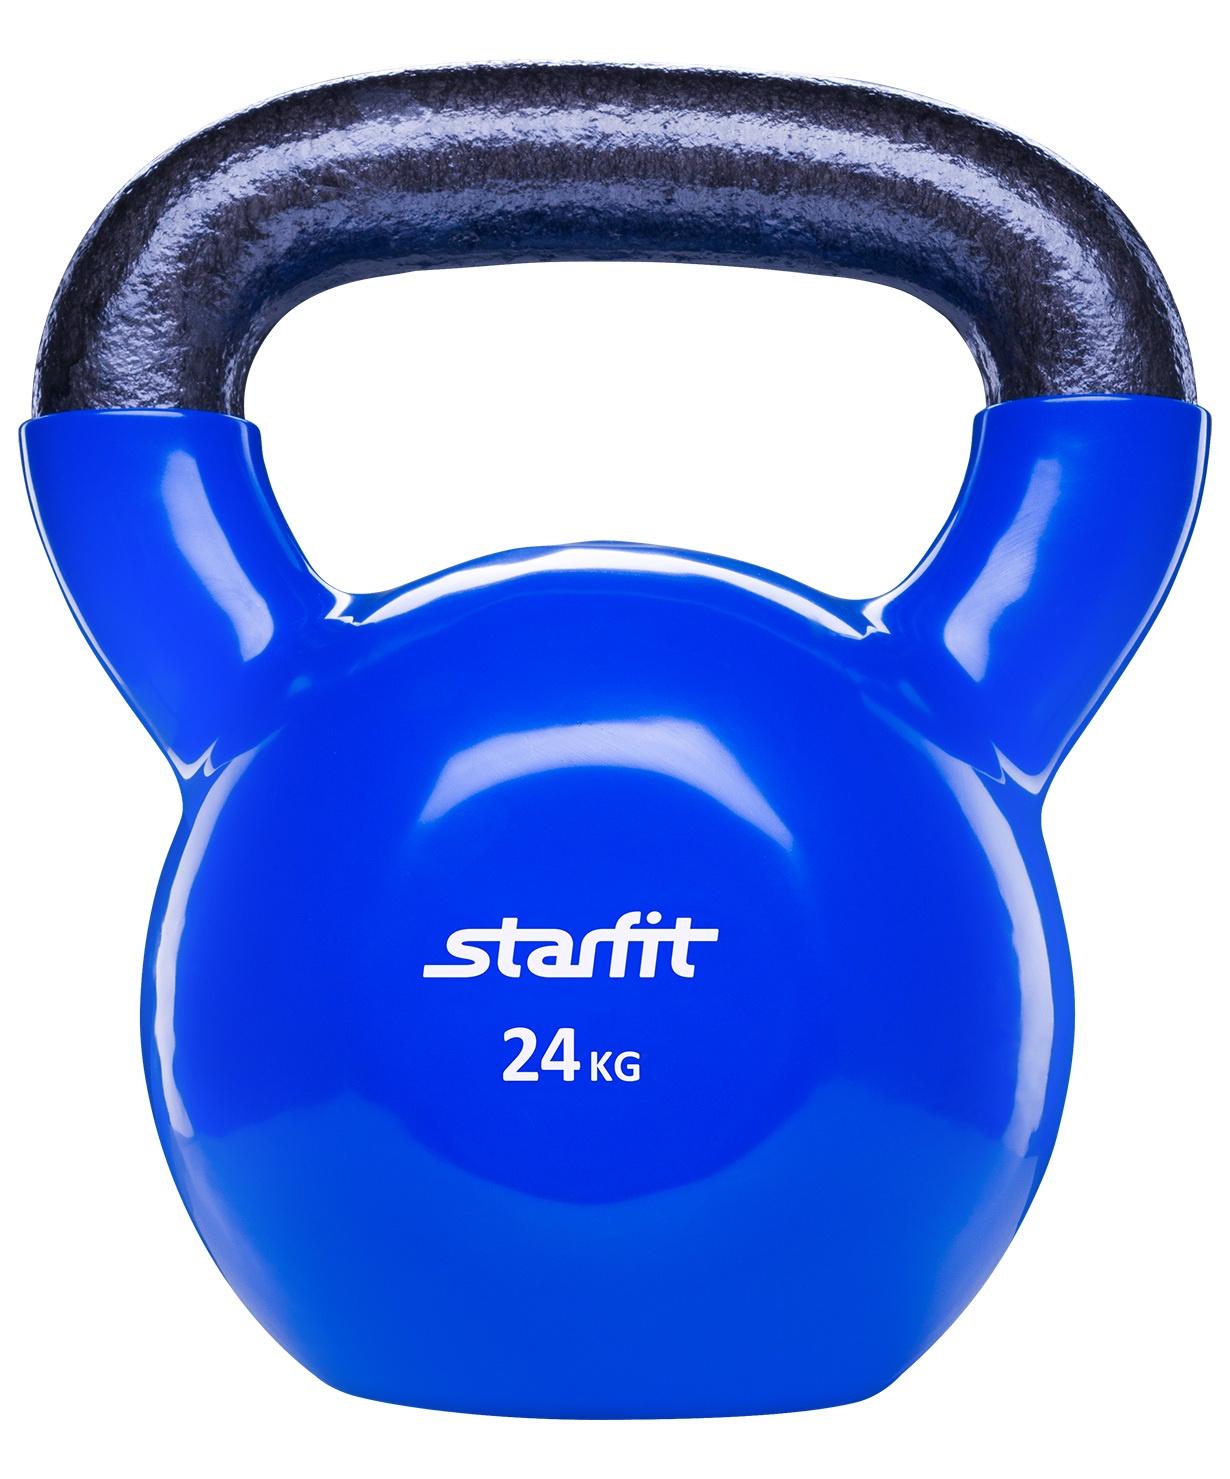 Гиря виниловая DB-401, темно-синяя, 24 кг гиря starfit db 501 пластиковая цвет синий черный 8 кг